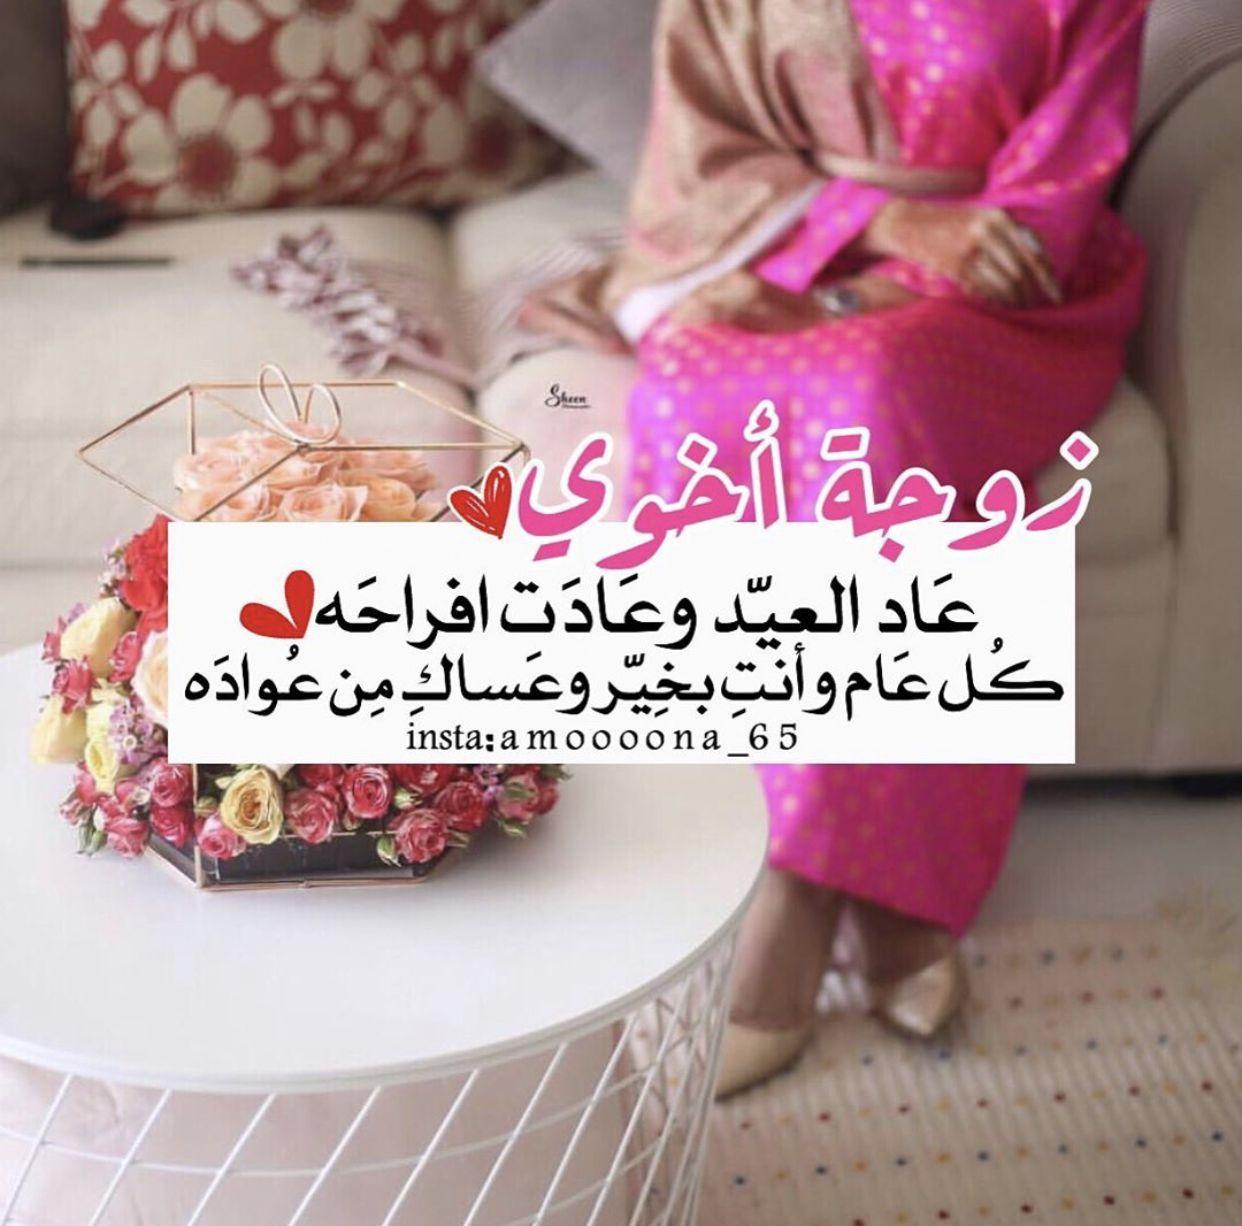 Pin By عنود البلاجي On Framed In 2021 Flowers Instagram Eid Mubarak Eid